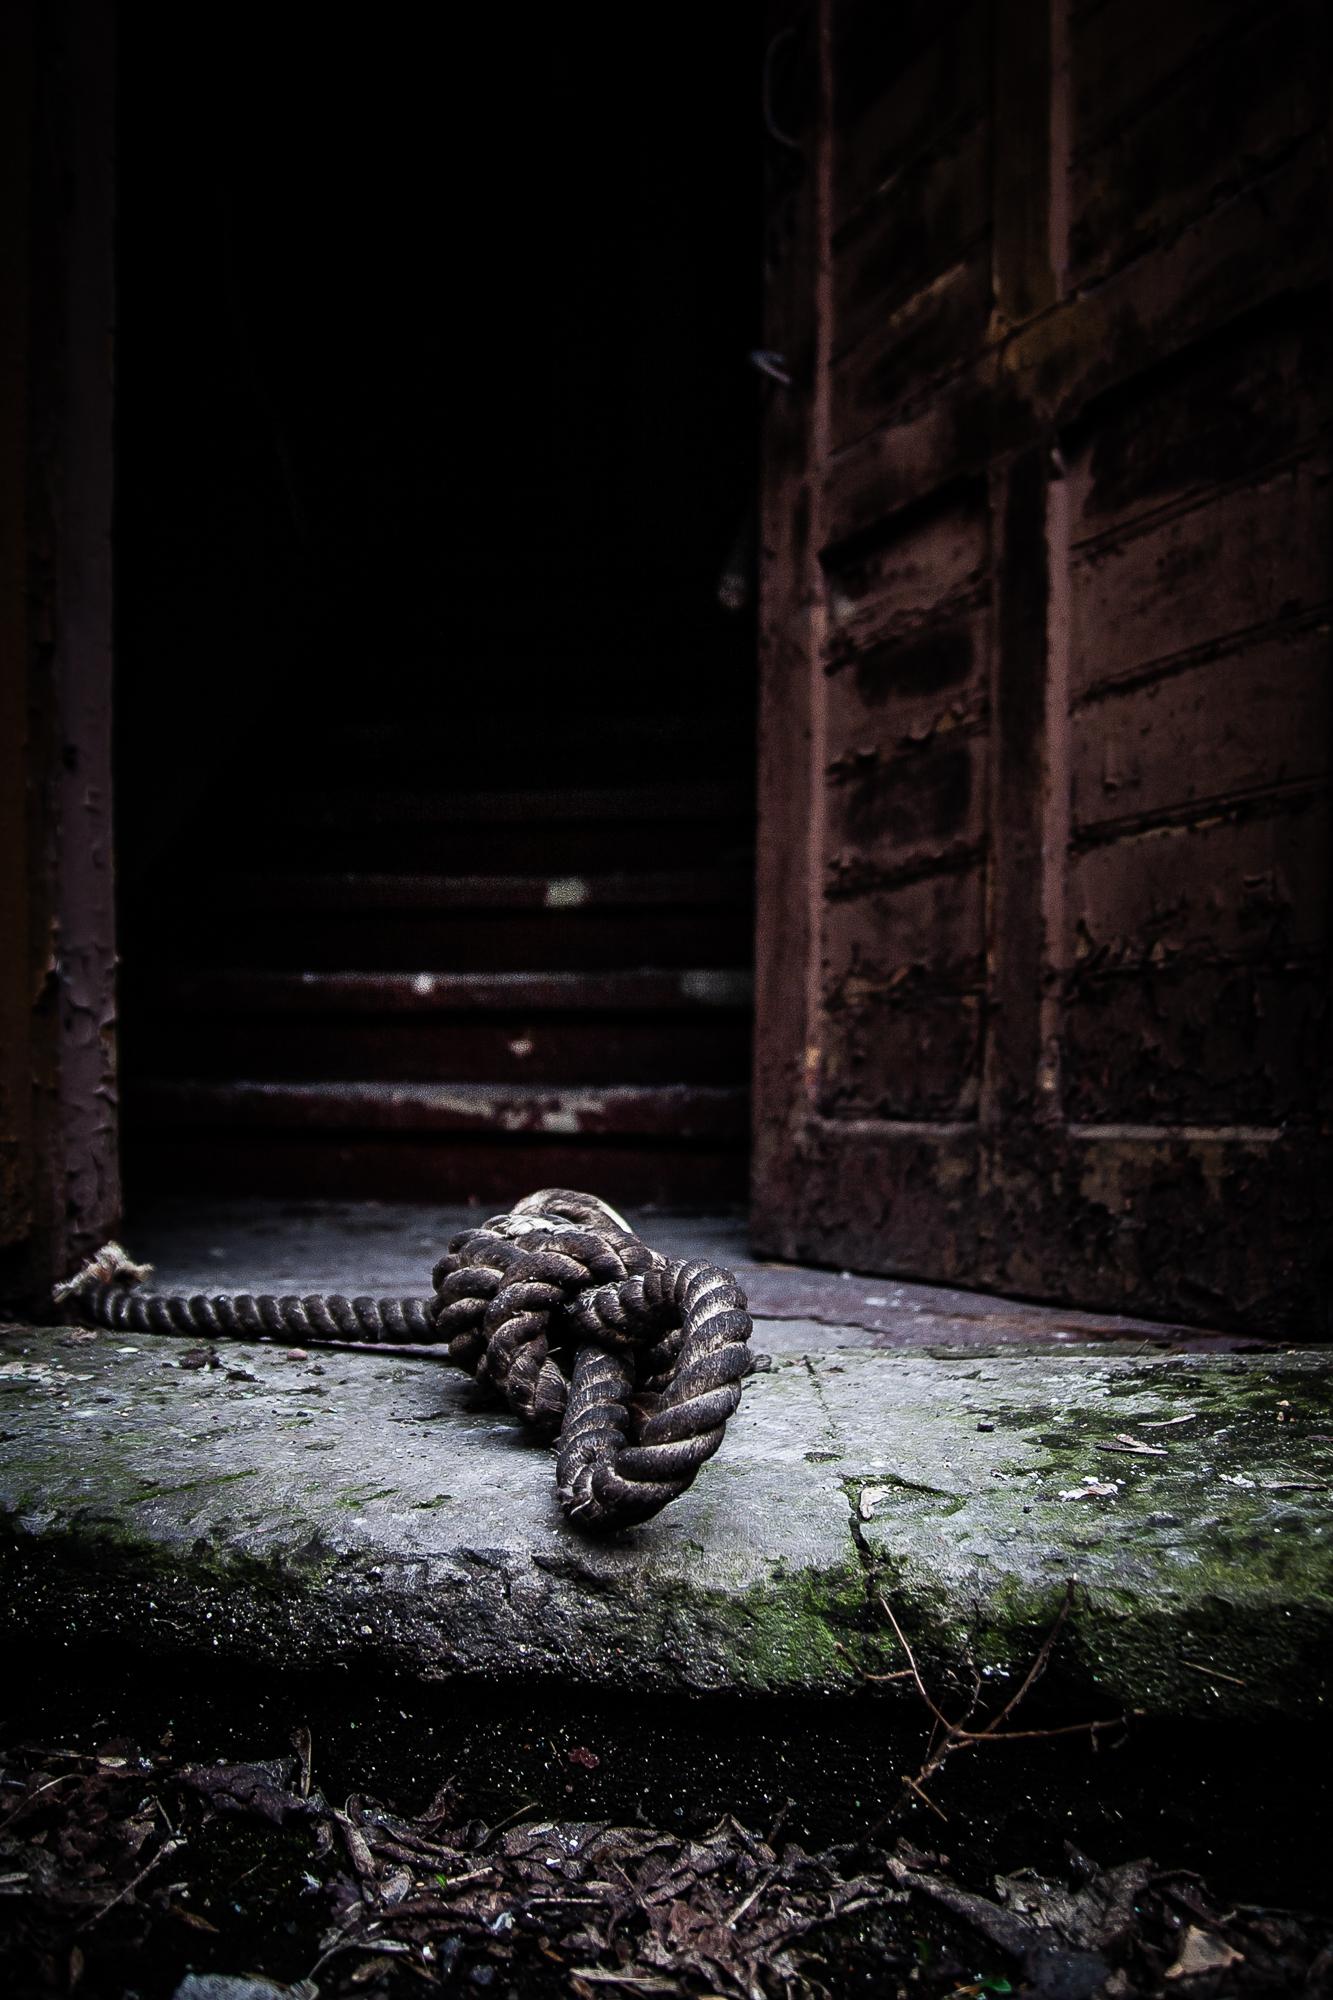 Knot On Threshold Via @Atisgailis